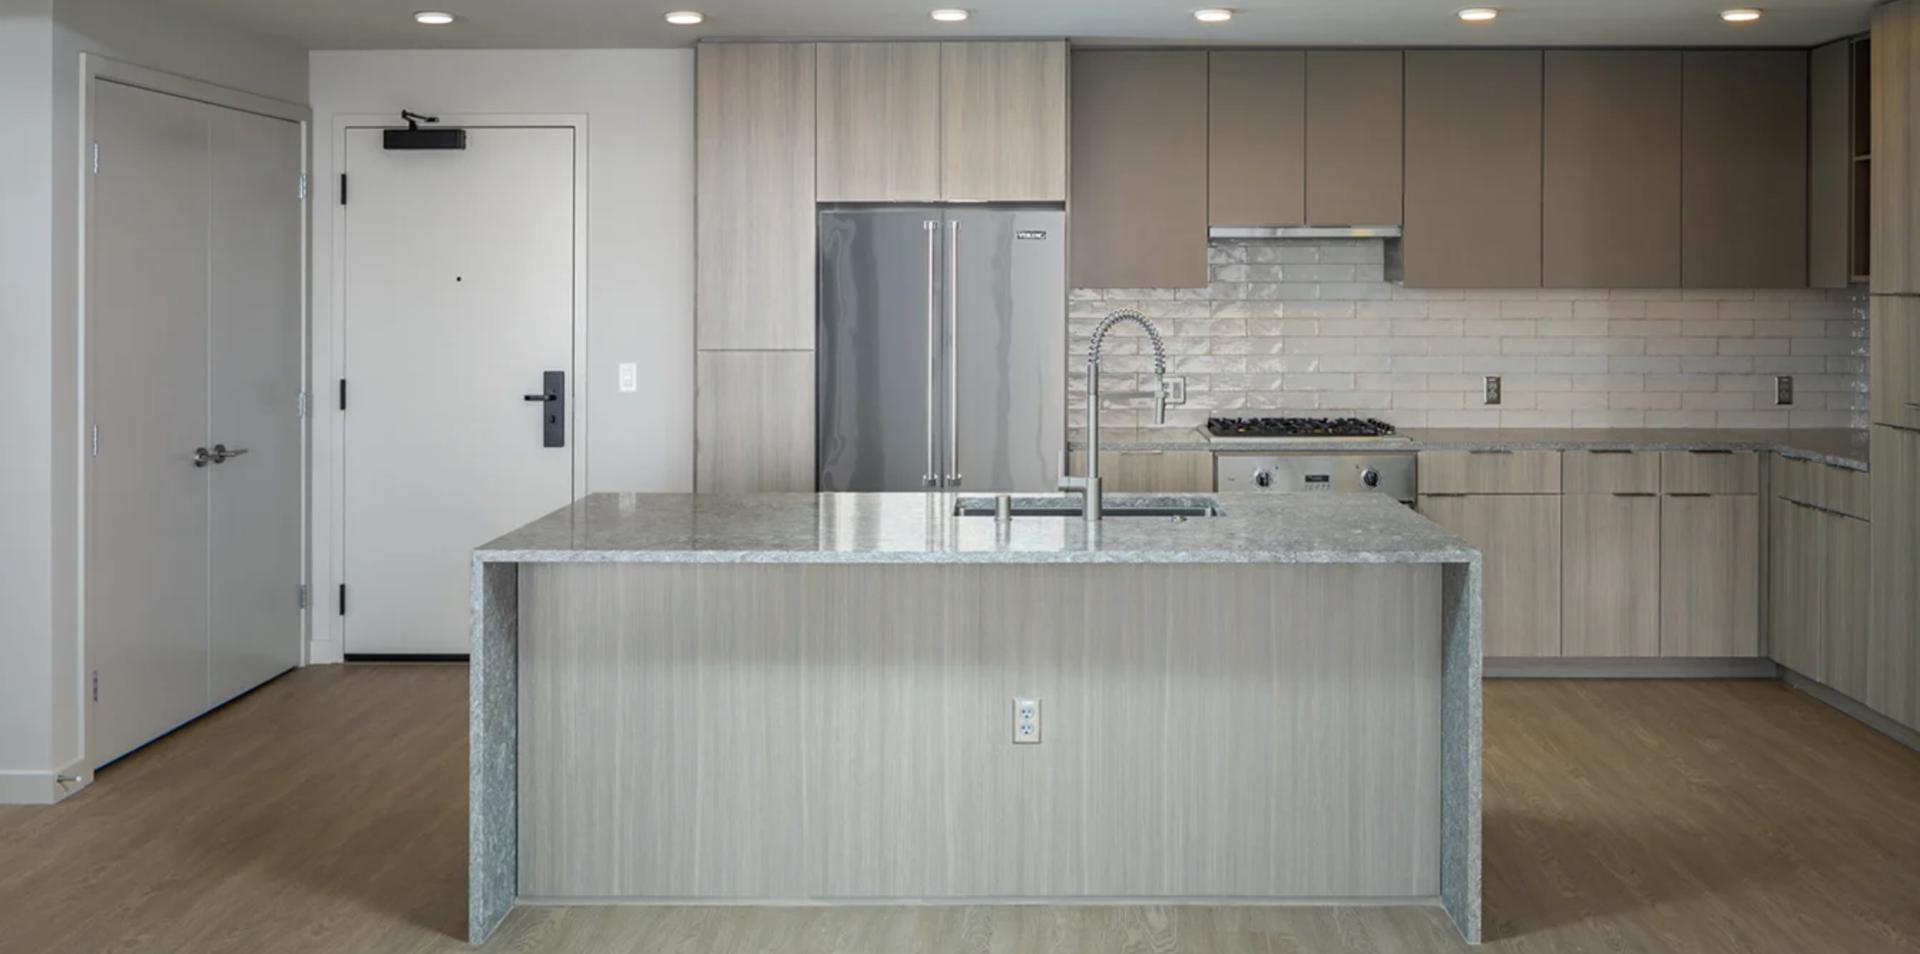 601 11th Avenue #101, San Diego, CA - $5,660 USD/ month